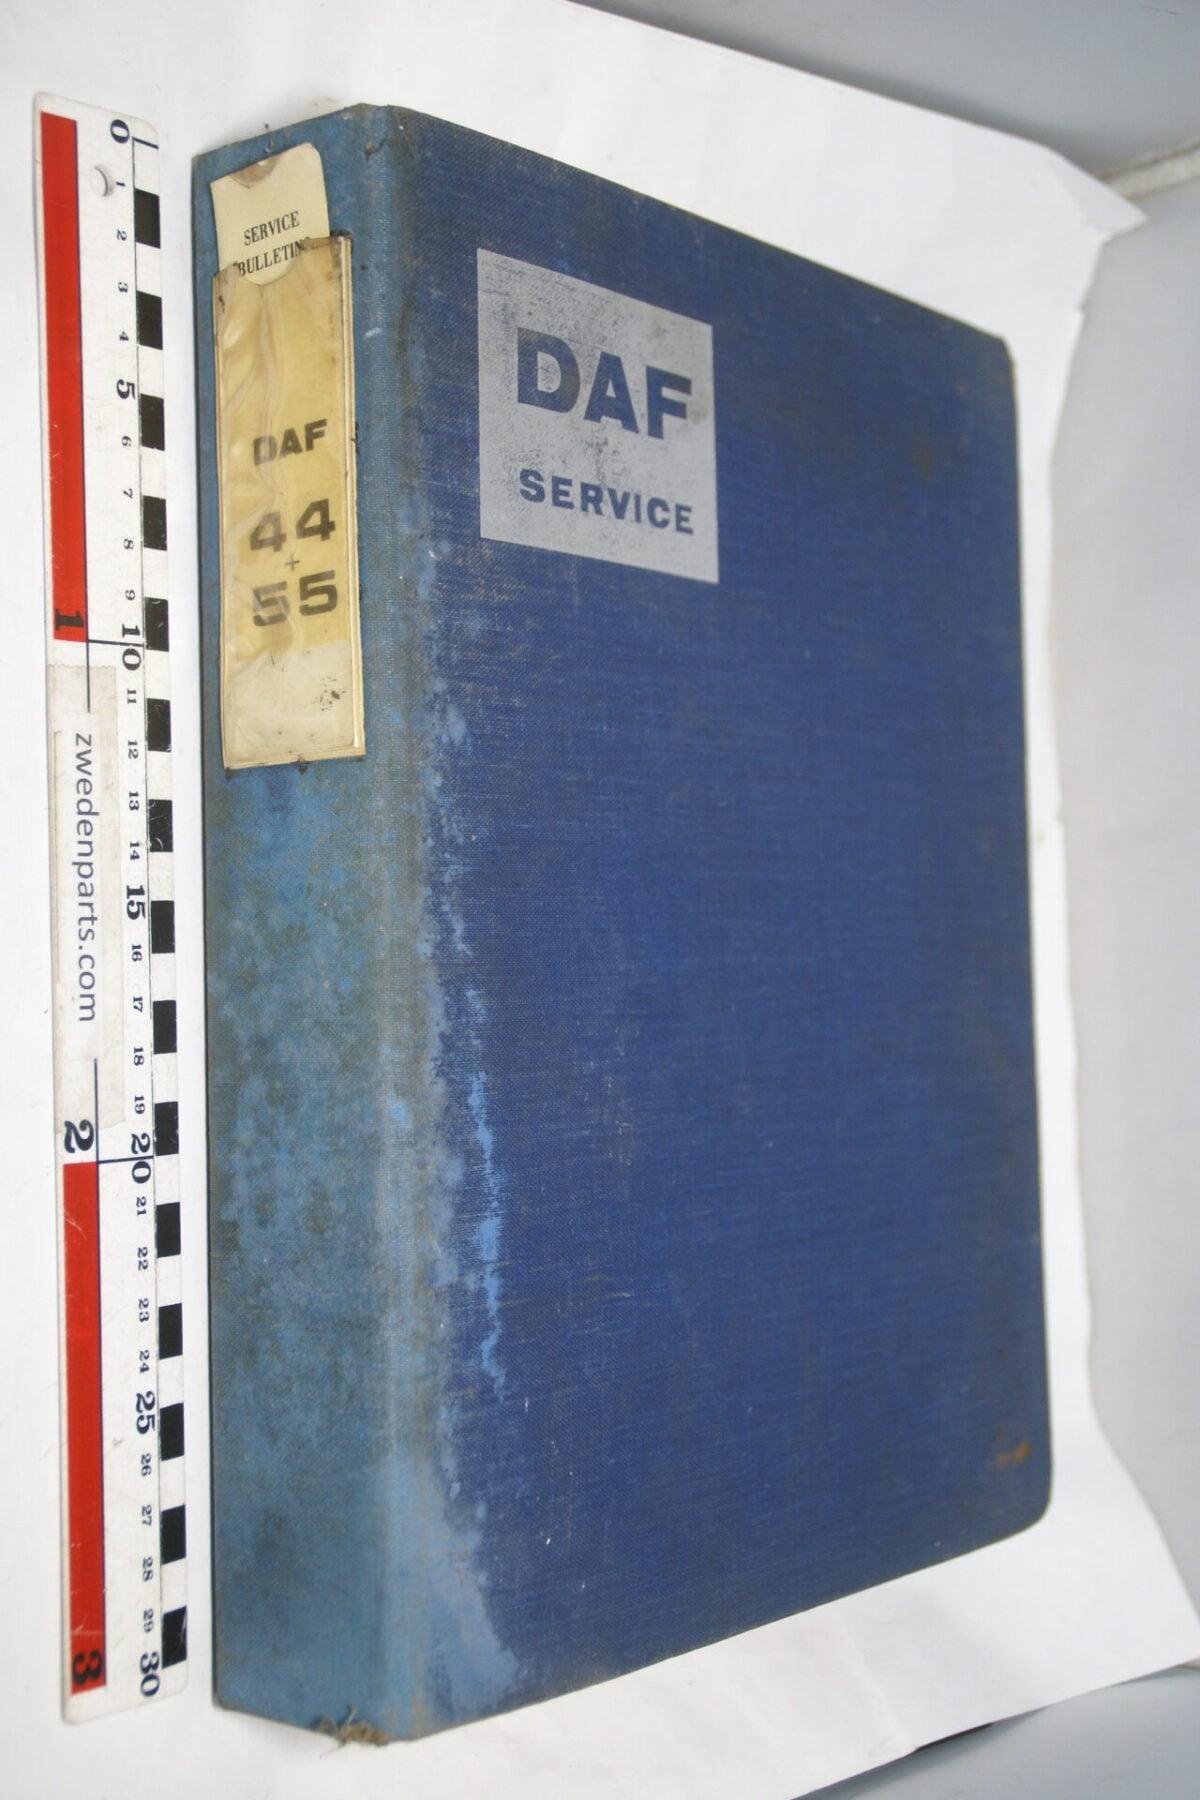 DSC01277 origineel DAF 44 en 55 onderdelenboek-655f6553